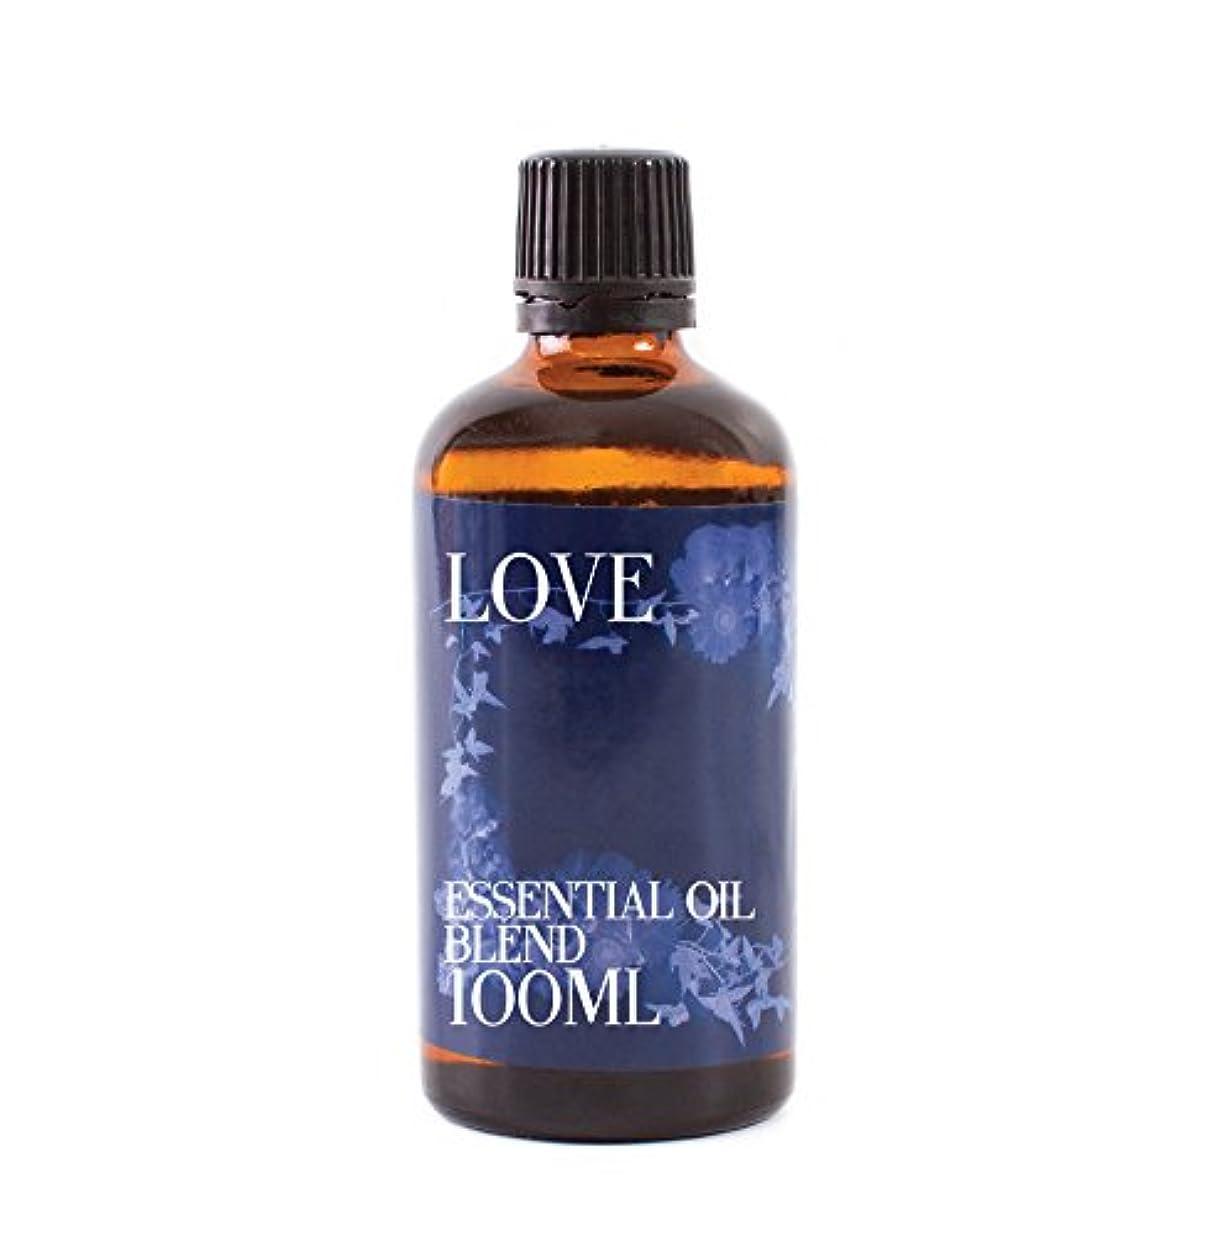 再生的に話す解釈的Mystic Moments   Love Essential Oil Blend - 100ml - 100% Pure